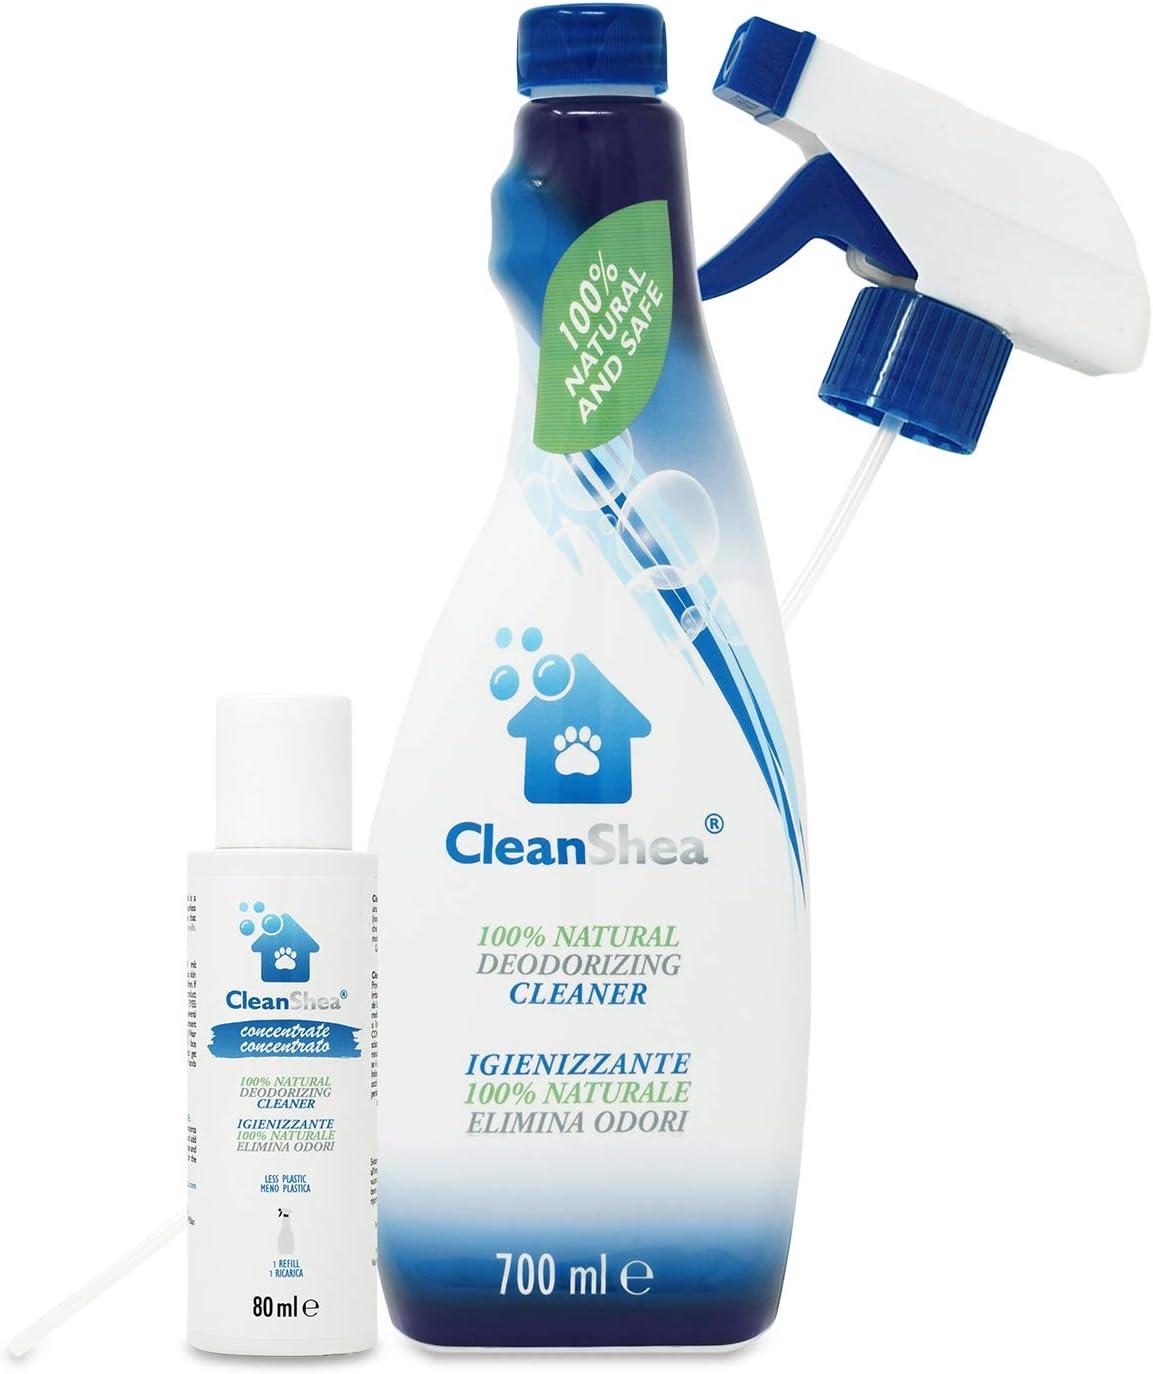 CleanShea Spray desinfectante 100% Natural, Elimina los olores de los Animales, Spray desinfectante para Pieles, Accesorios para Animales y Superficies, ecológico y Seguro, 1400 ml(Botella + Recarga)